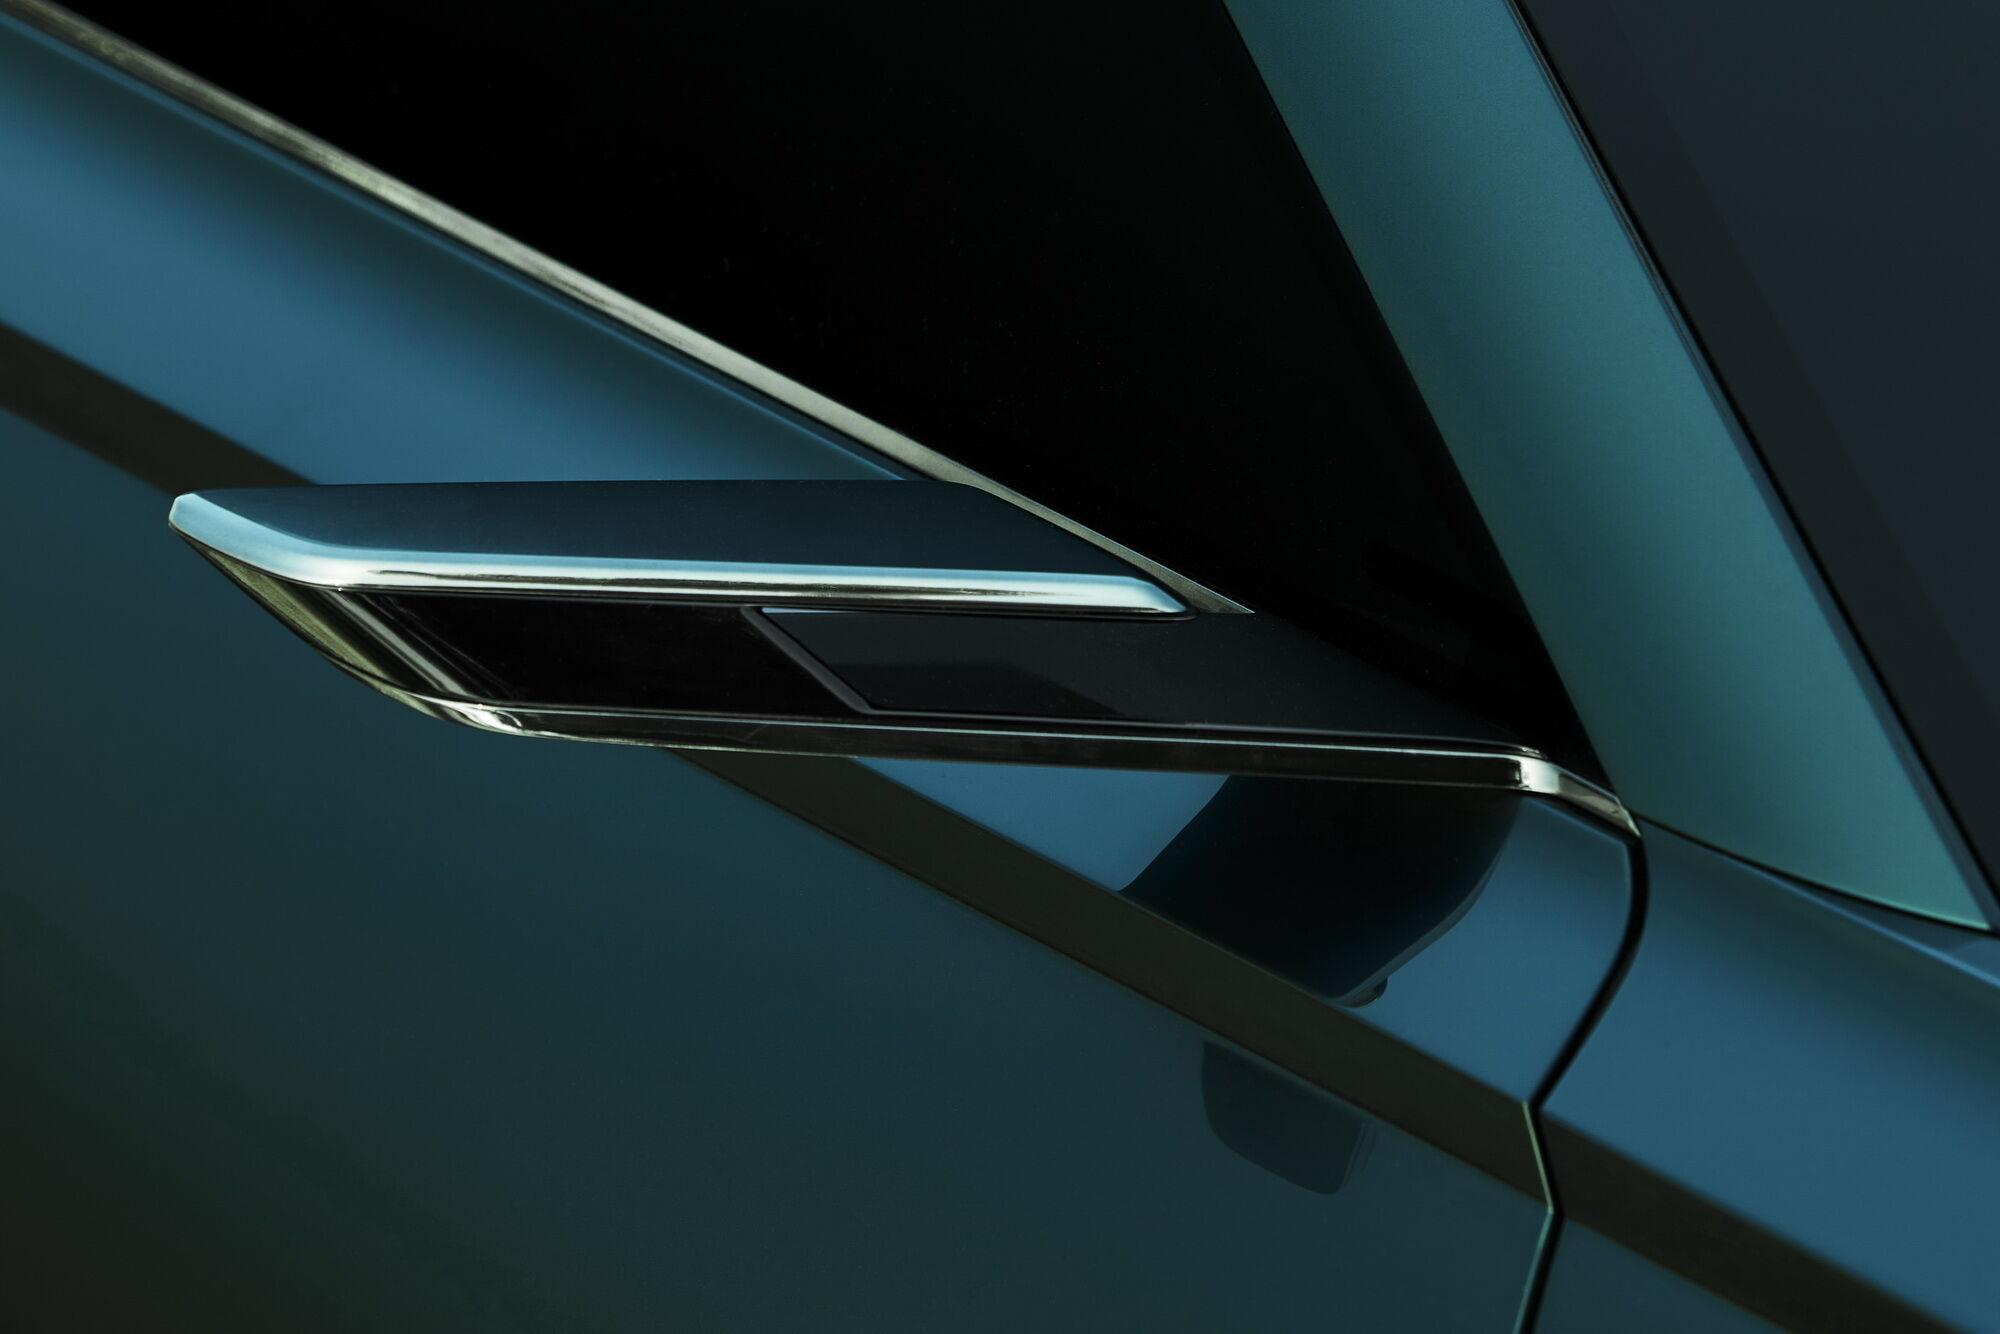 """Дизайнерська тема """"двох ліній"""" реалізована в різних деталях, наприклад, камерах заднього виду"""